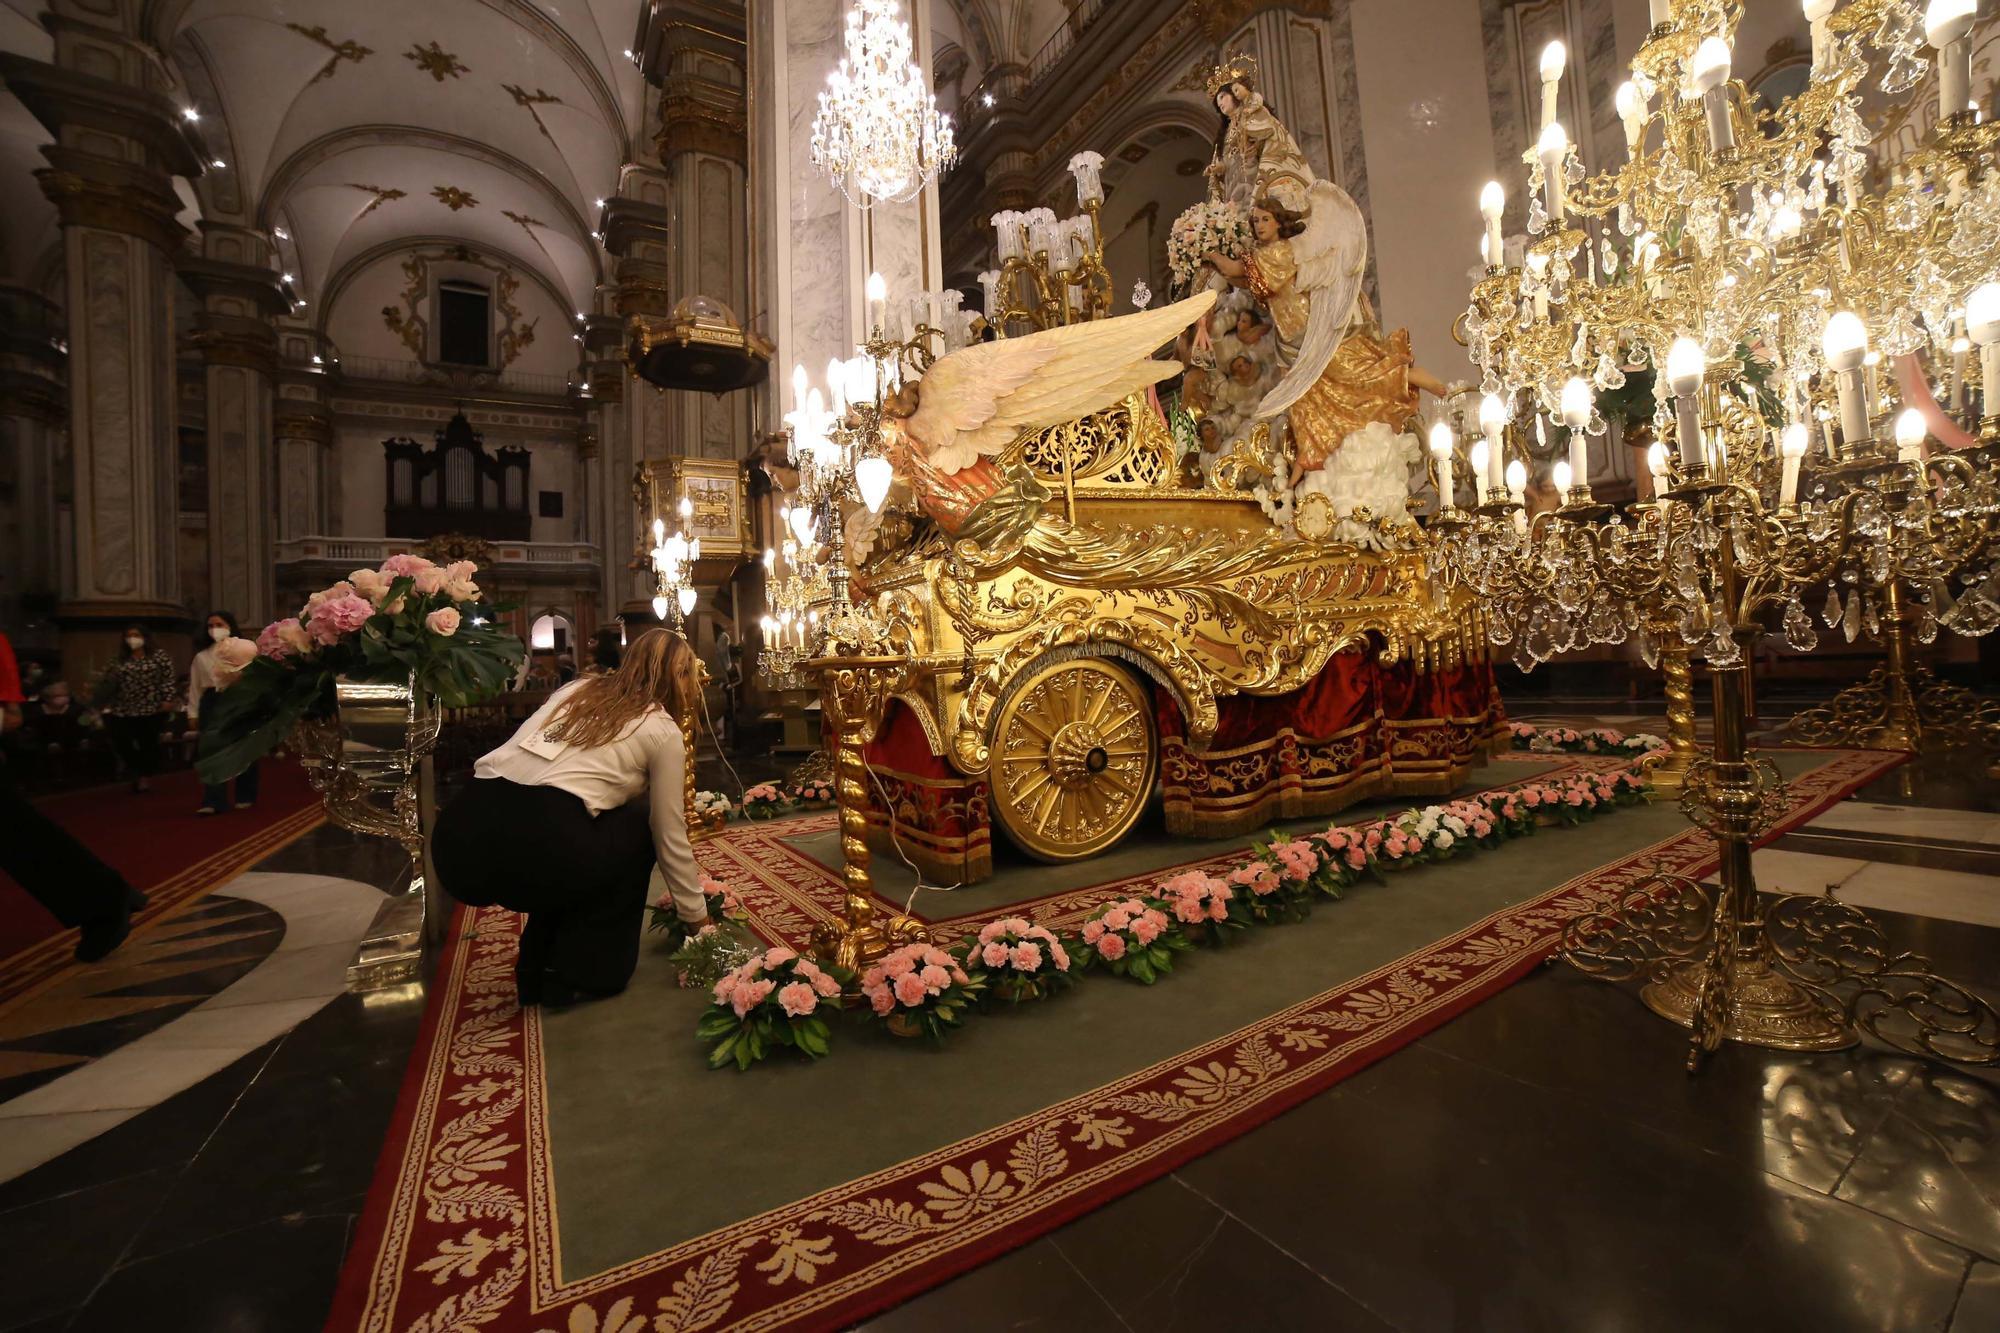 La ofrenda de las rosarieras a la Virgen, en imágenes